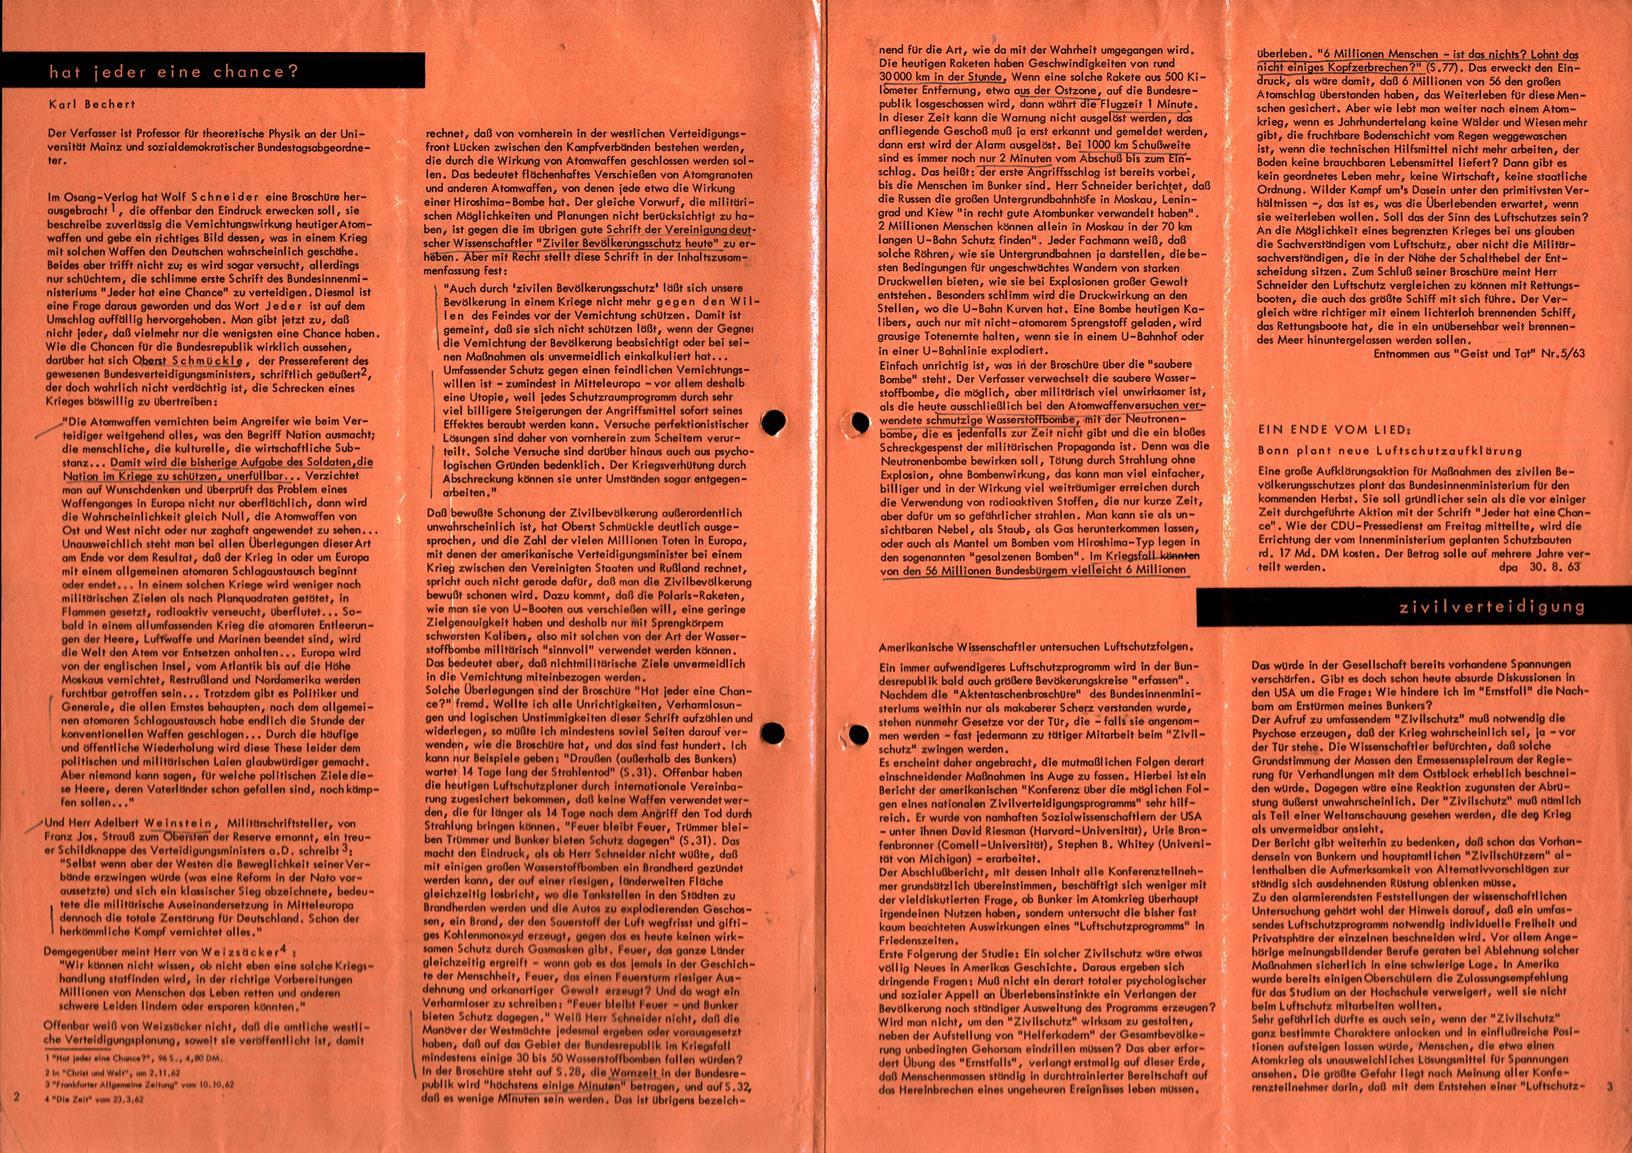 Infos_zur_Abruestung_1963_003_002